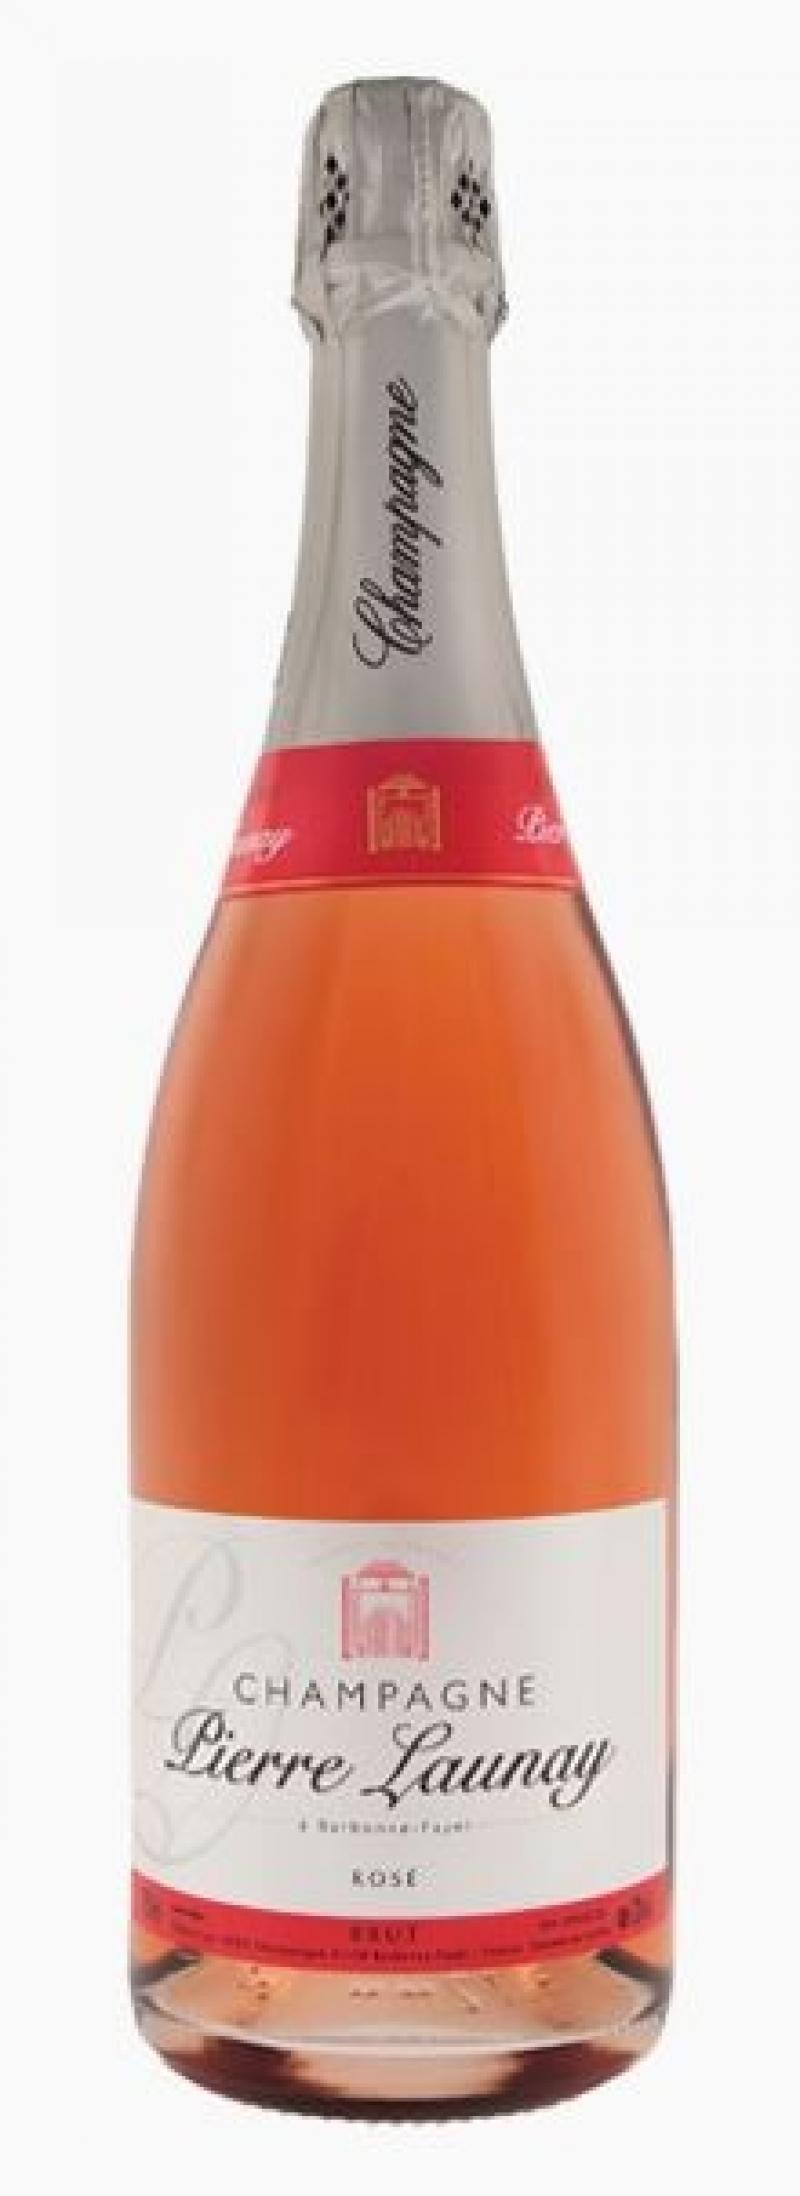 Pierre Launay Ros 233 Champagne 75cl Description Volume